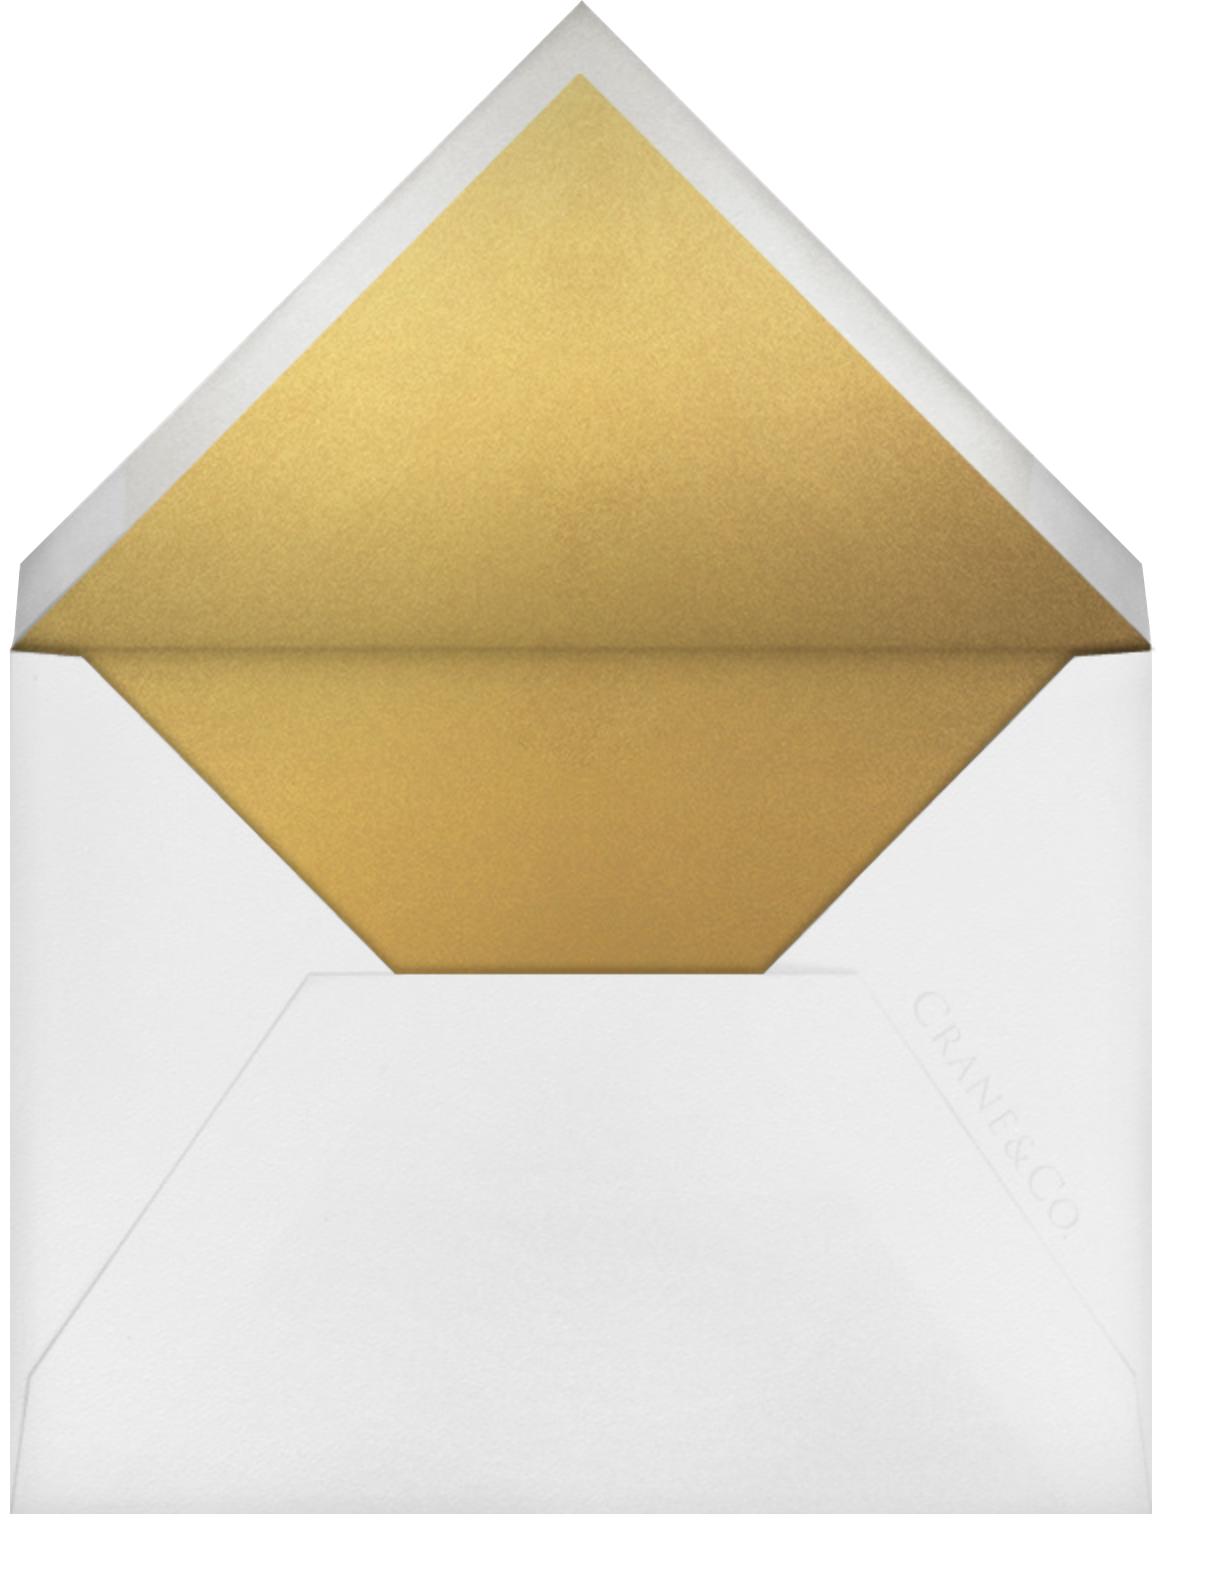 Van Alen Scallop I (Save the Date) - Oscar de la Renta - Envelope